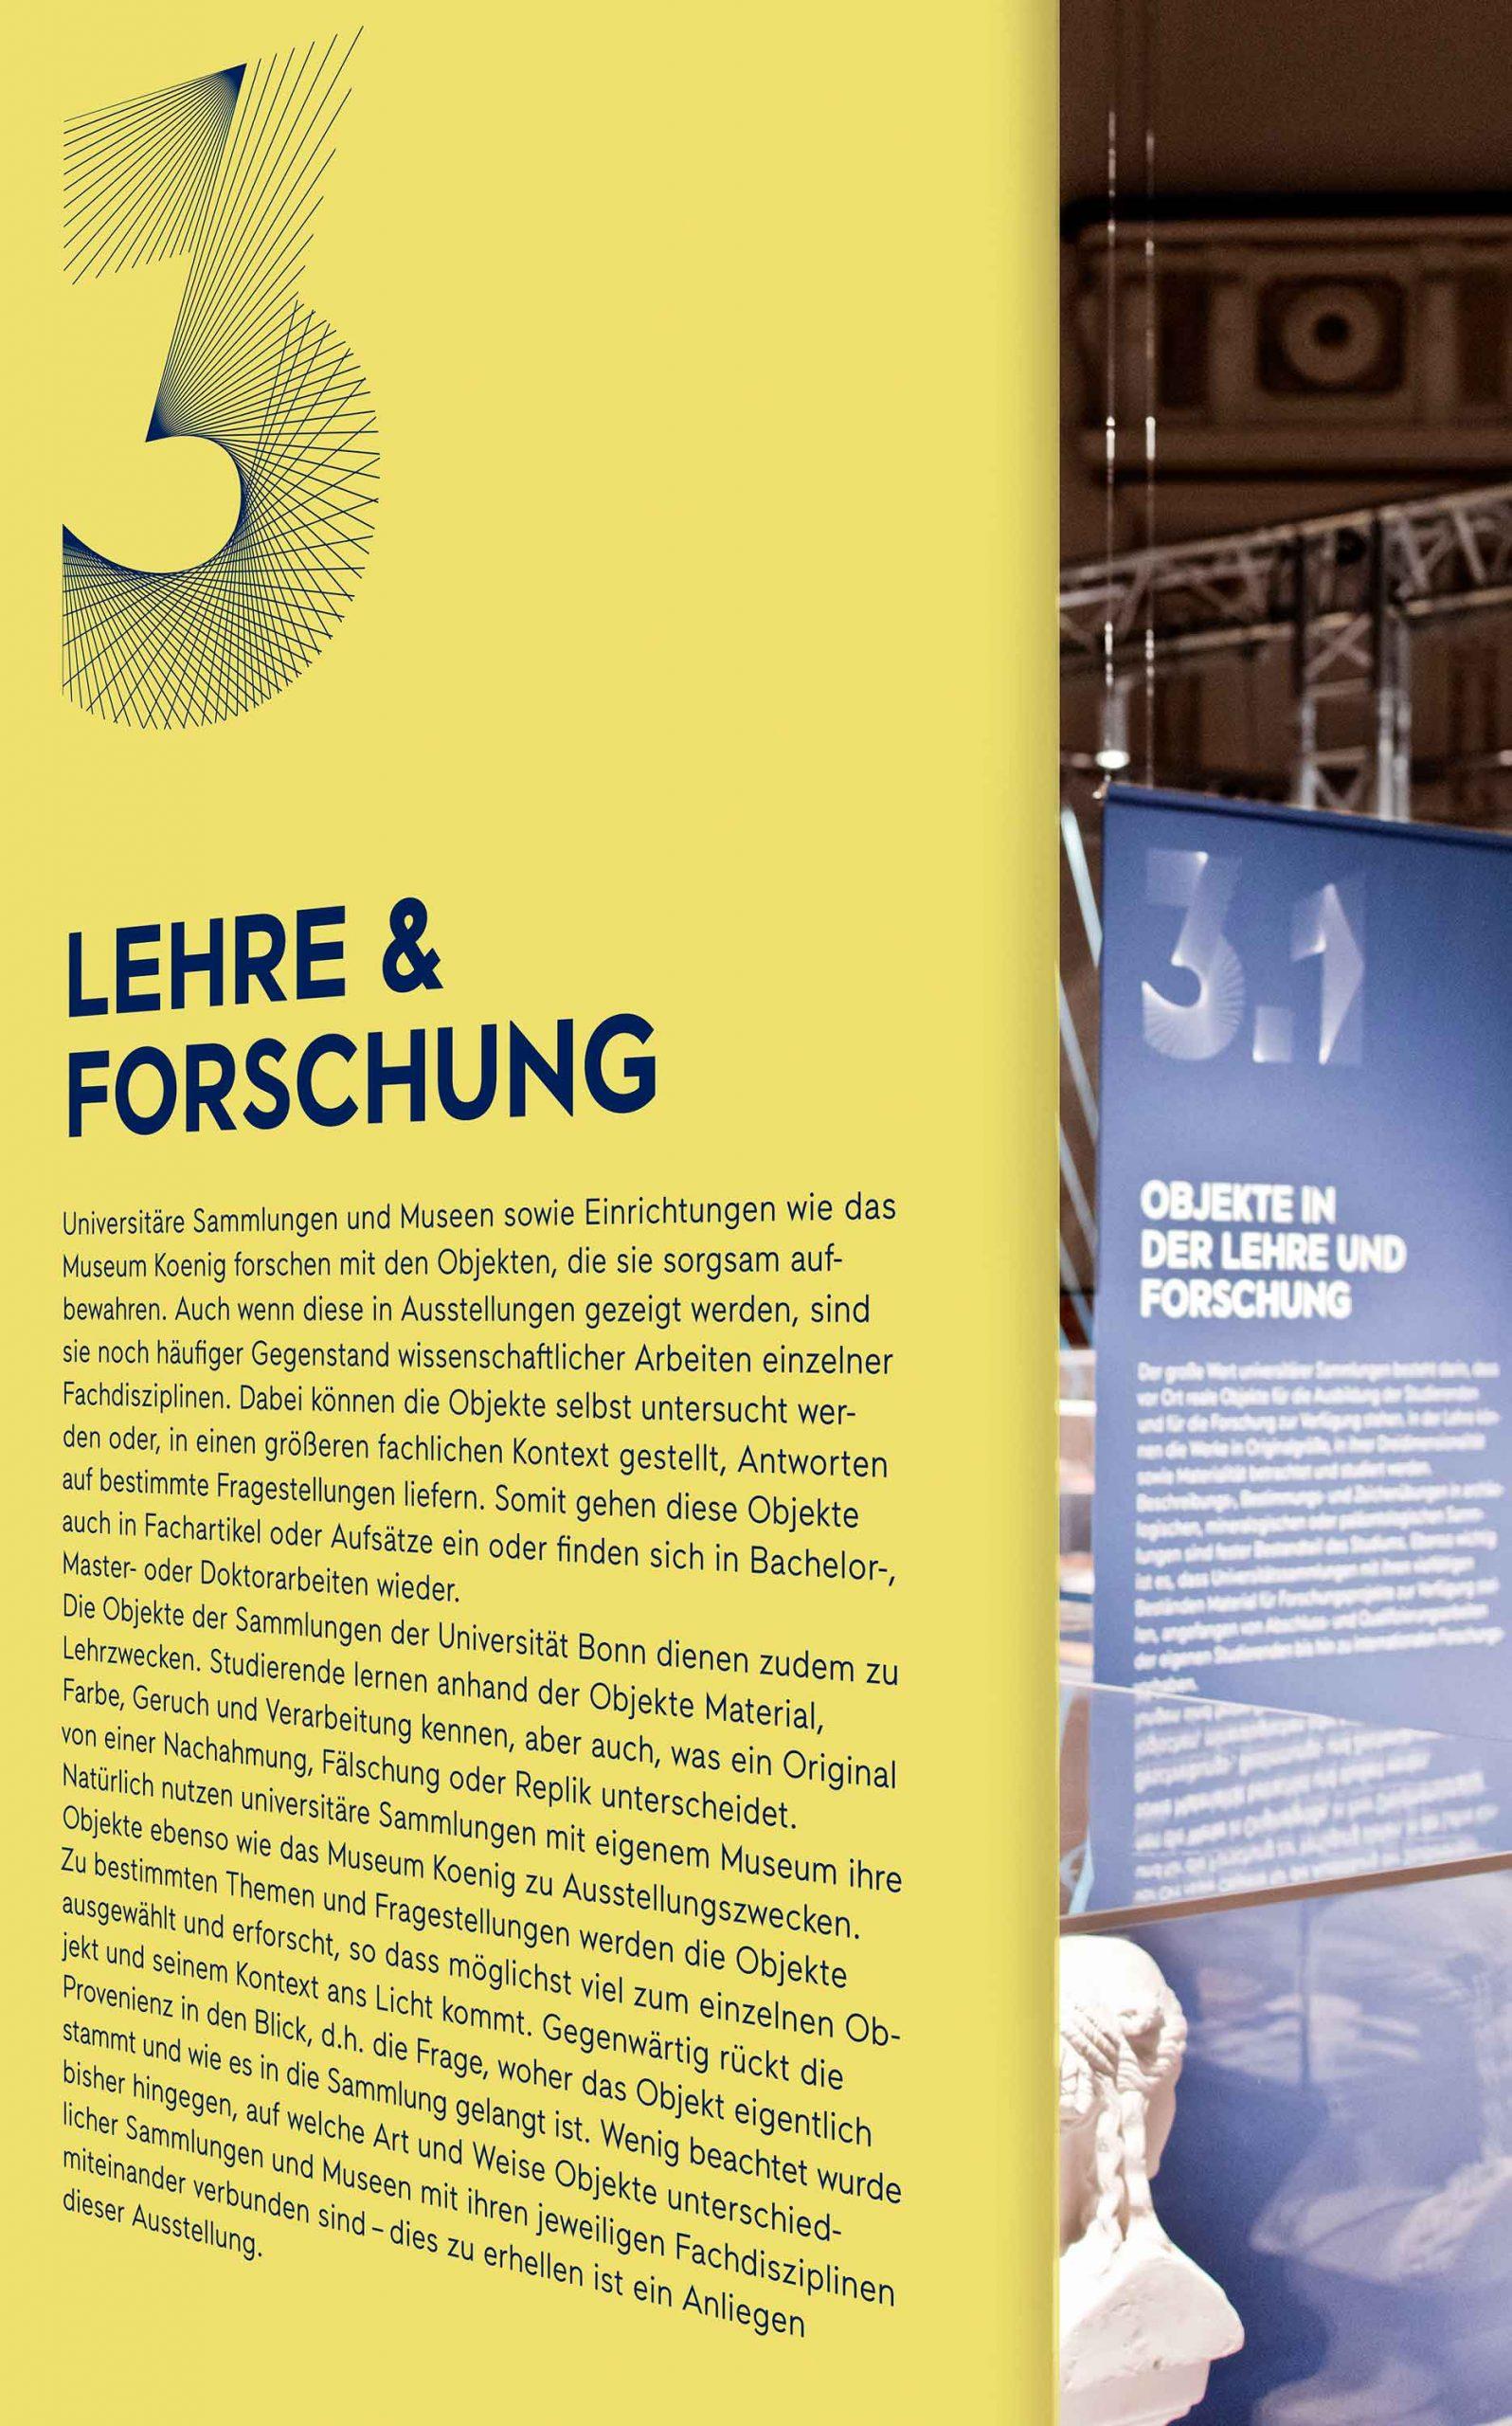 Ausstellungsgestaltung der Sonderausstellung »Objektwelten als Kosmos« im Museum Koenig Bonn | Detail der Banner | Keywords: Ausstellungsgestaltung, Exhibition Design, Spatial Design, Banner, Typografie, Contemporary Design